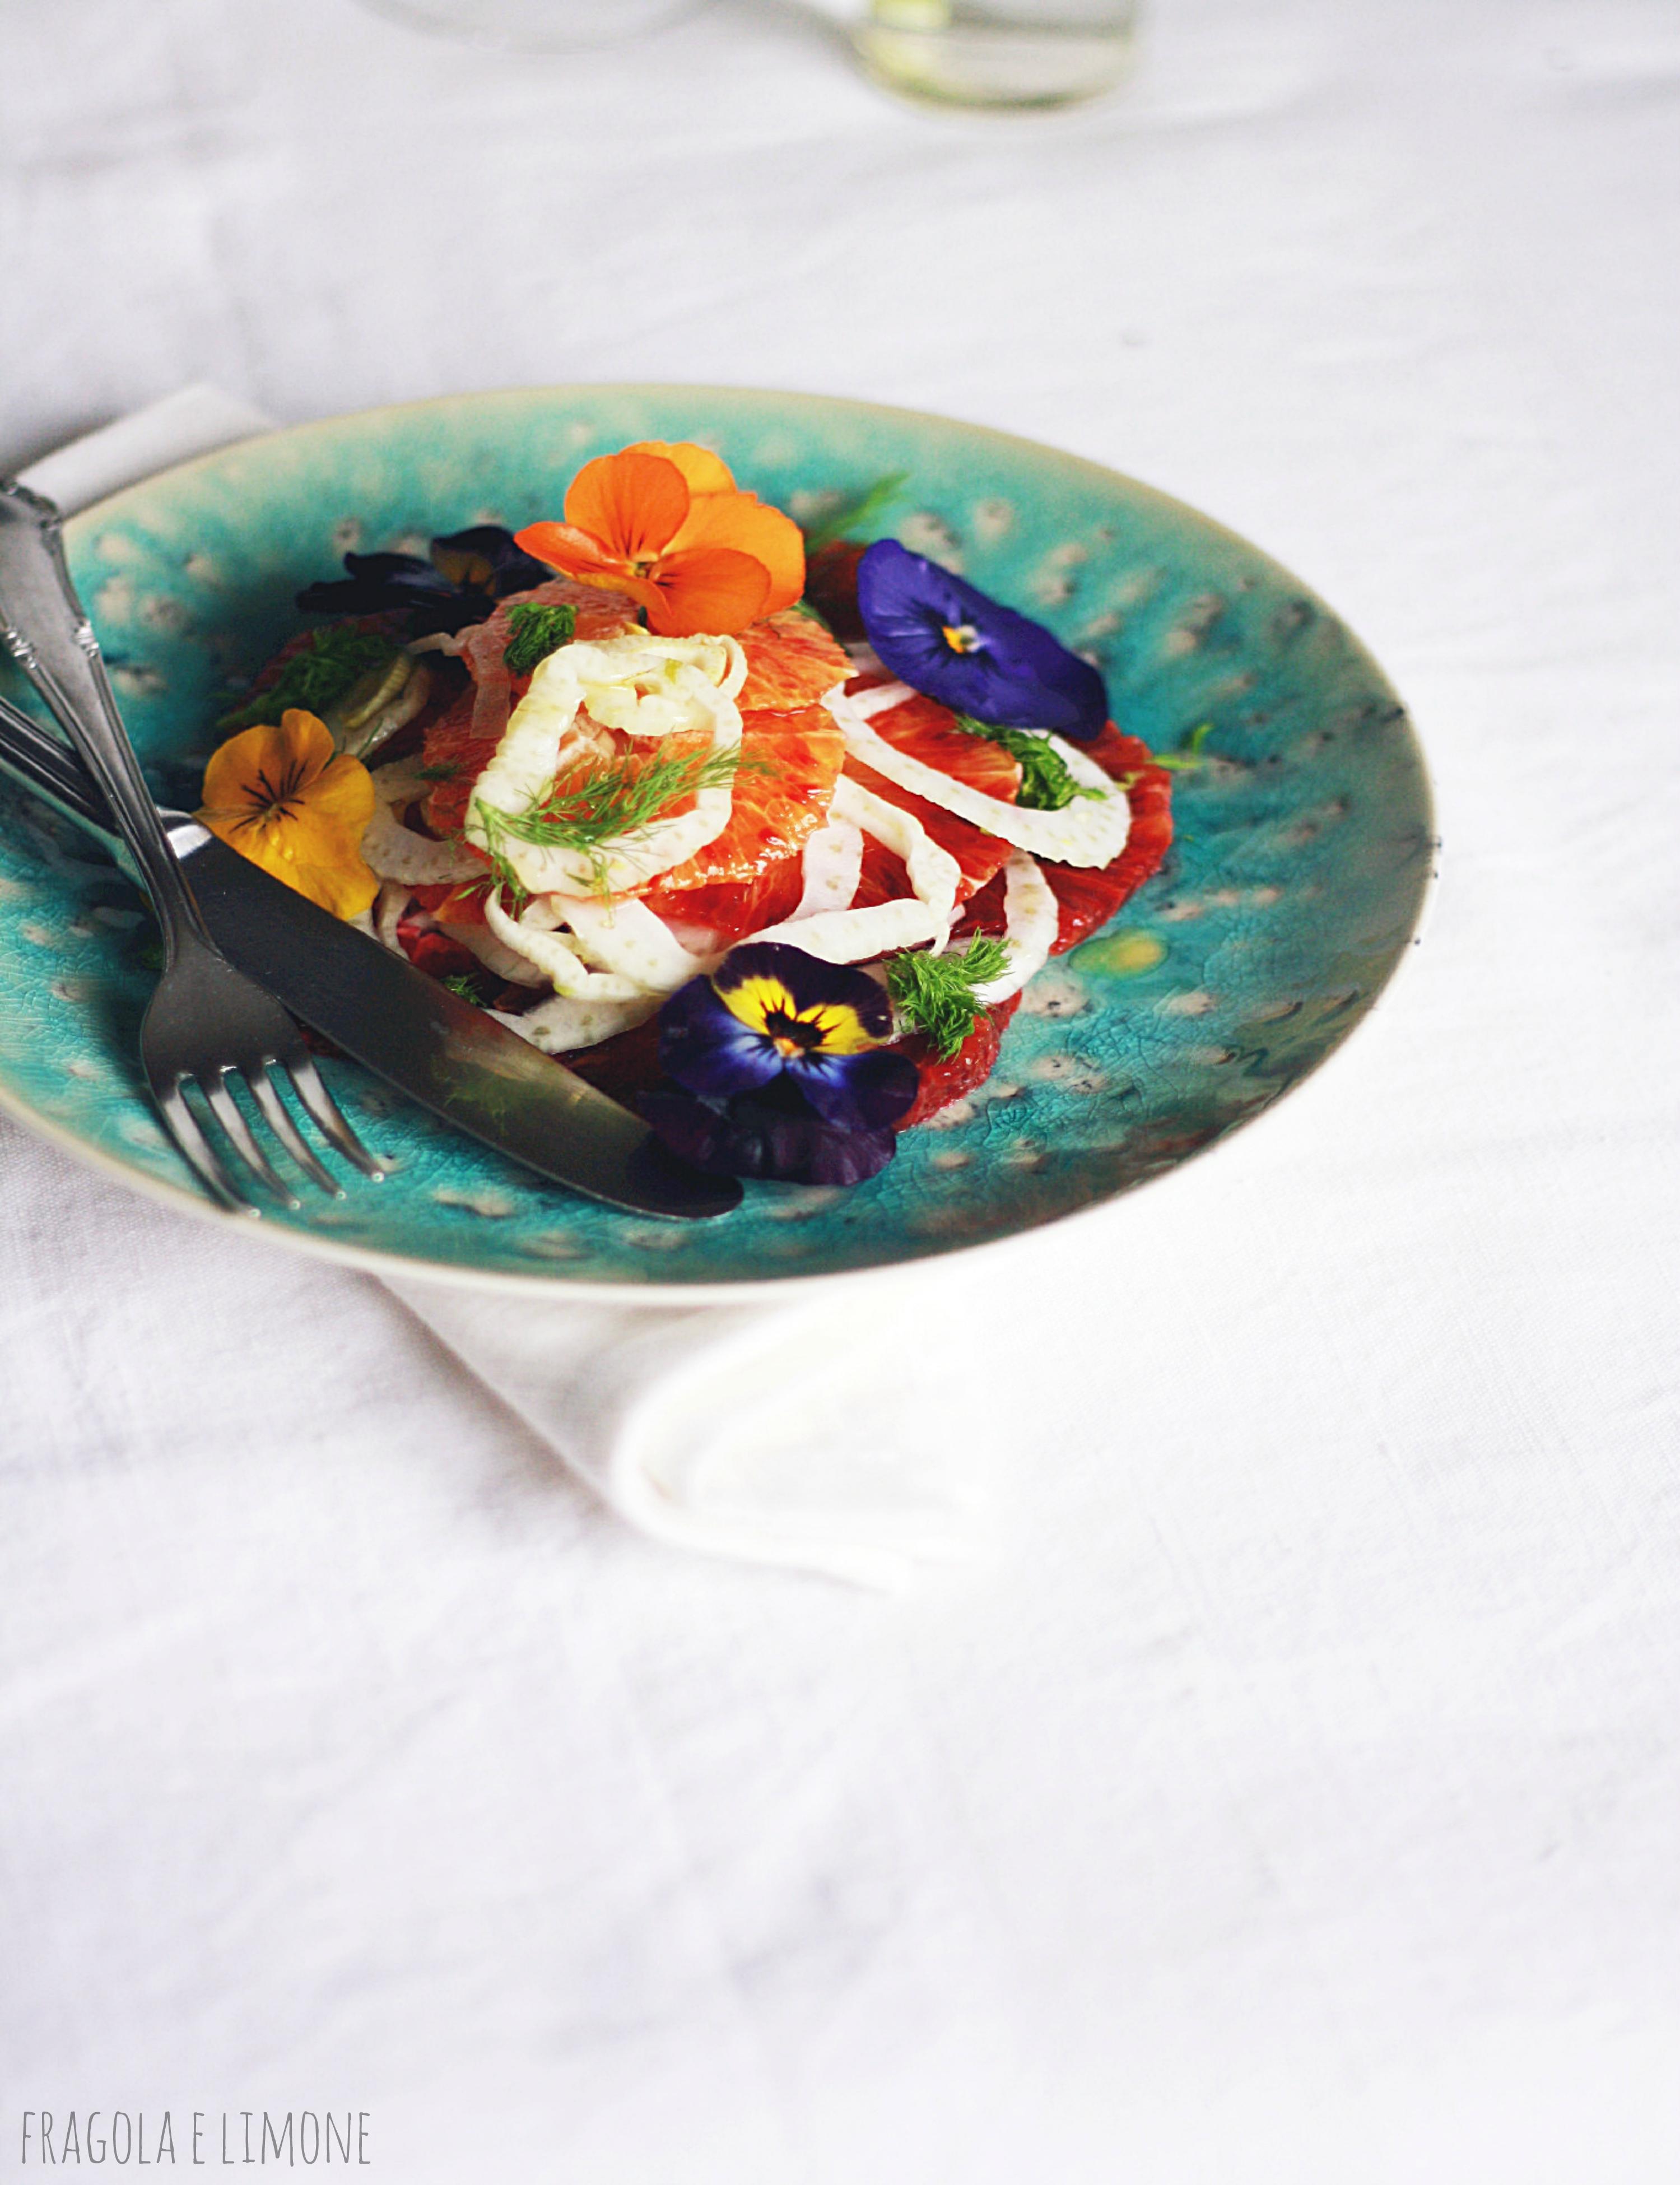 insalata finocchi e arance con fiori edibili